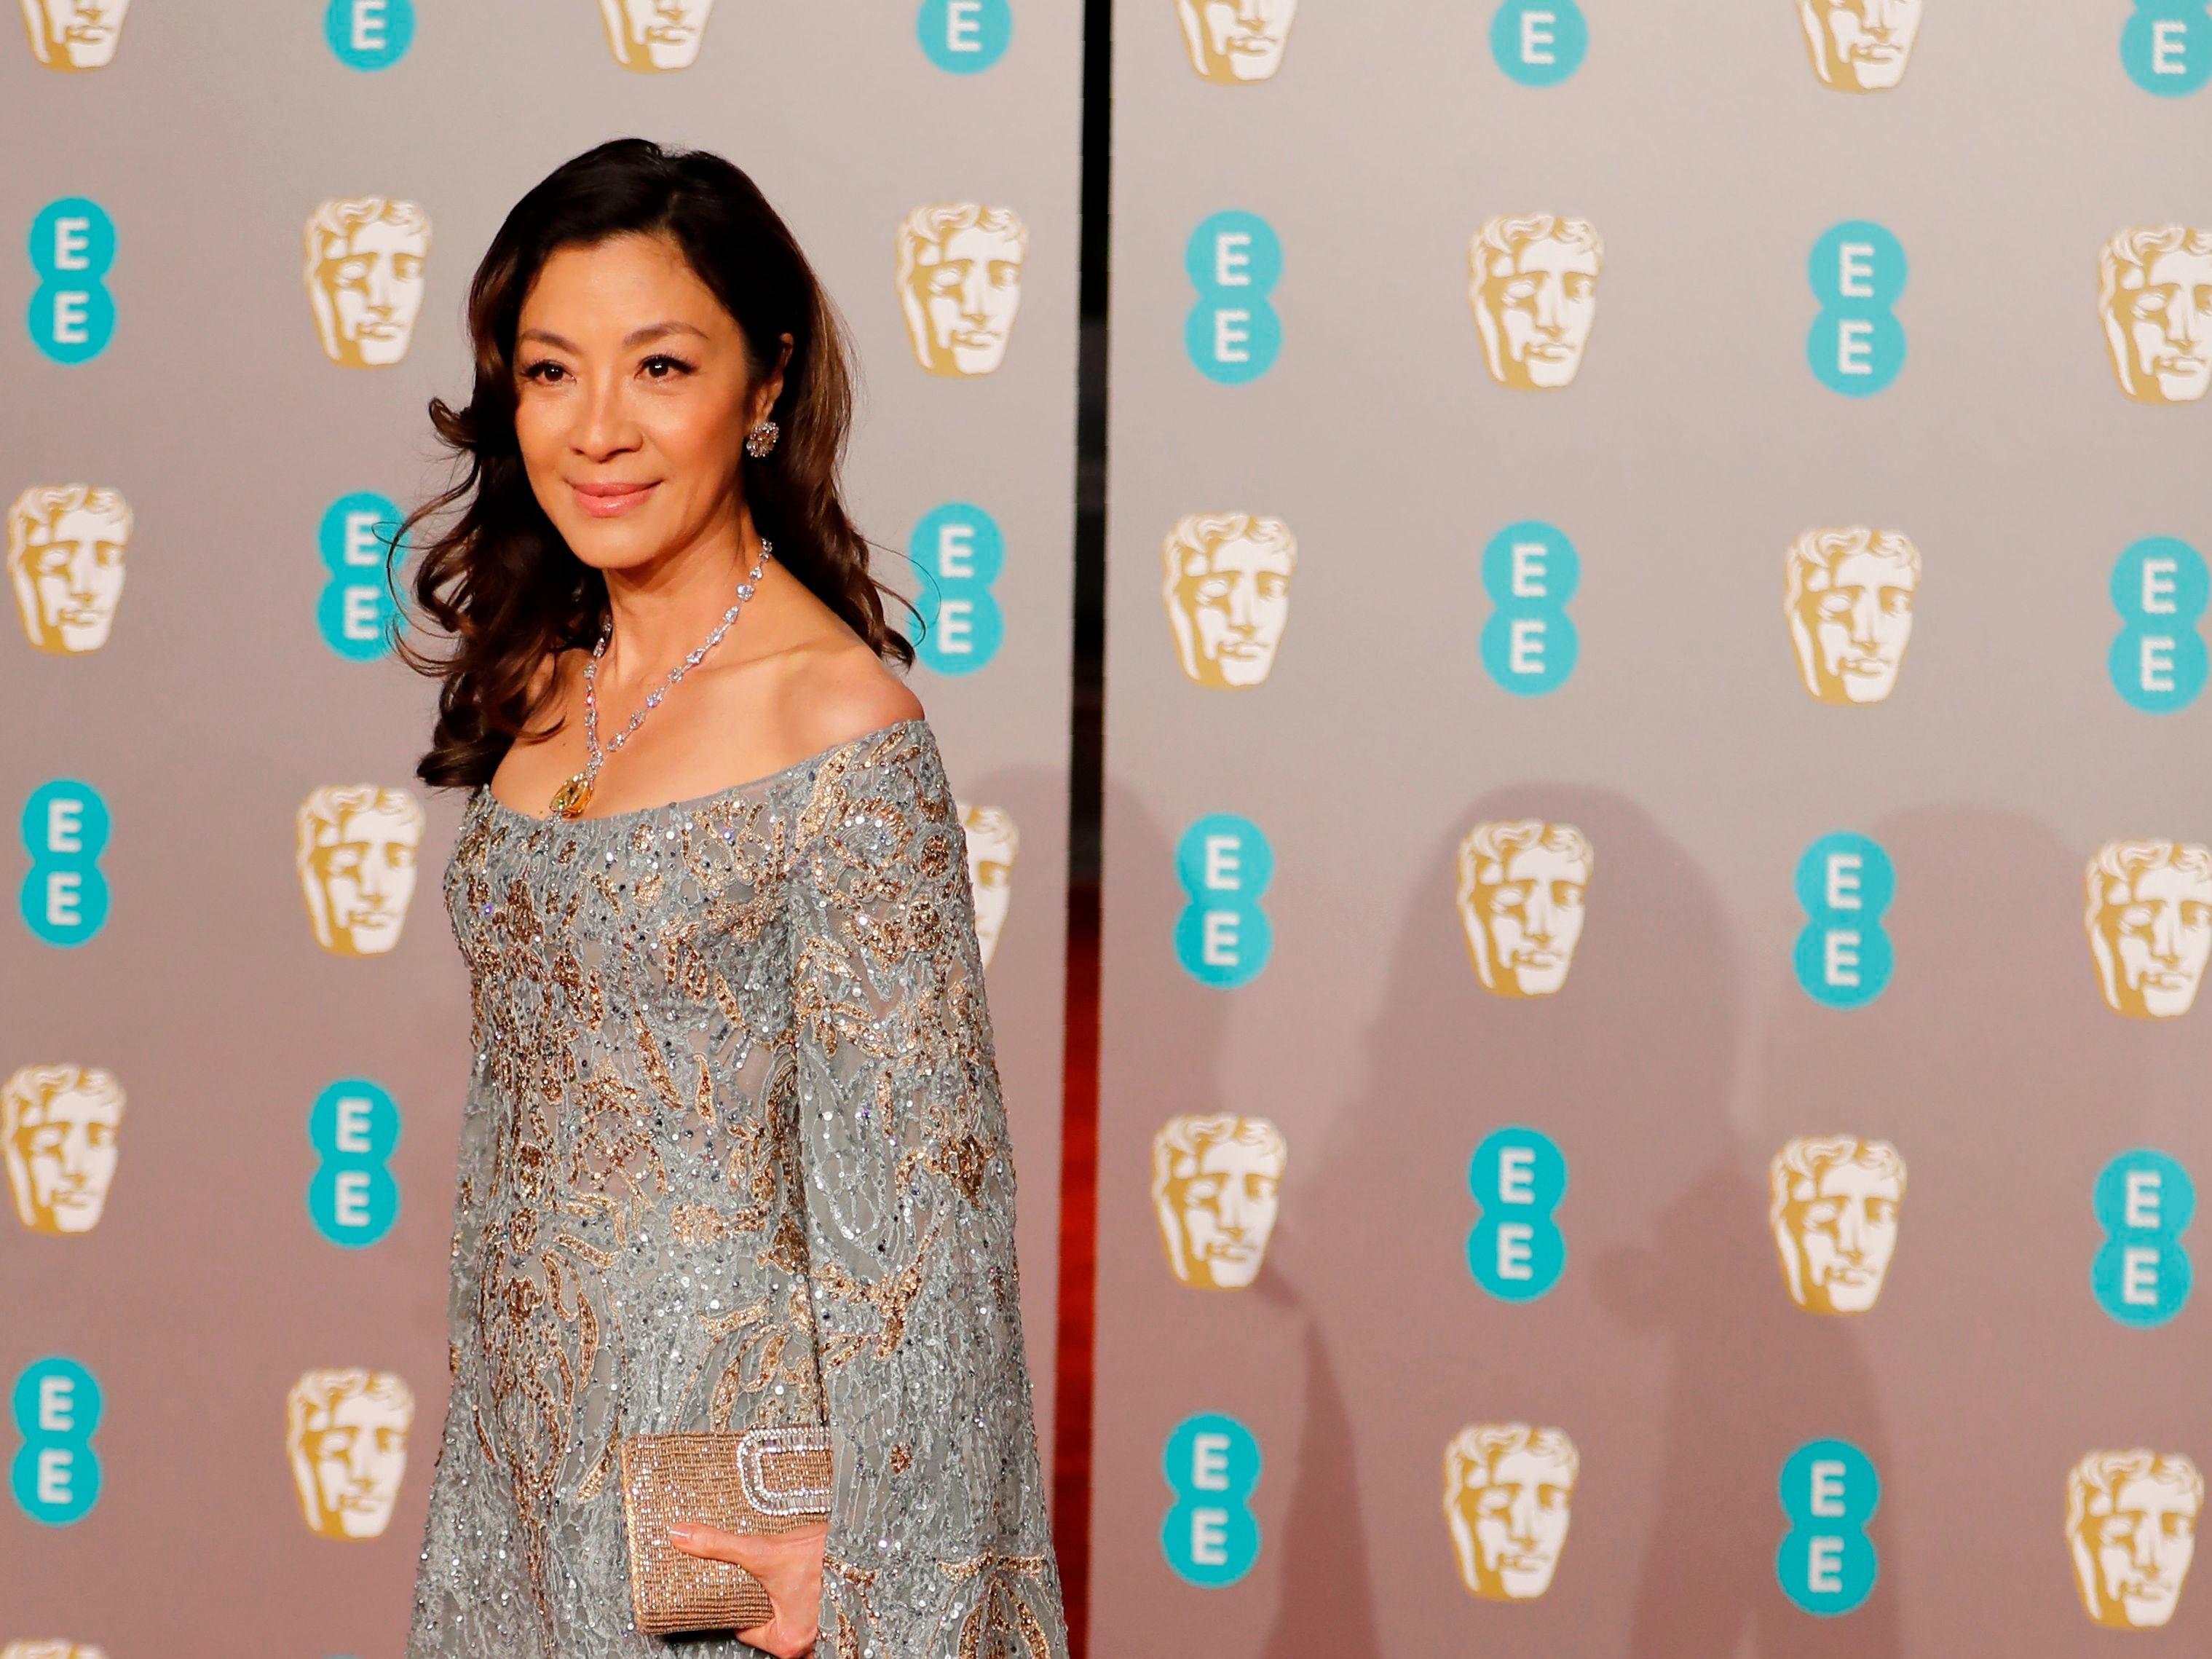 Michelle Yeoh a su llegada a la alfombra roja de los Premios de la Academia Británica de Cine BAFTA en el Royal Albert Hall en Londres el 10 de febrero de 2019.